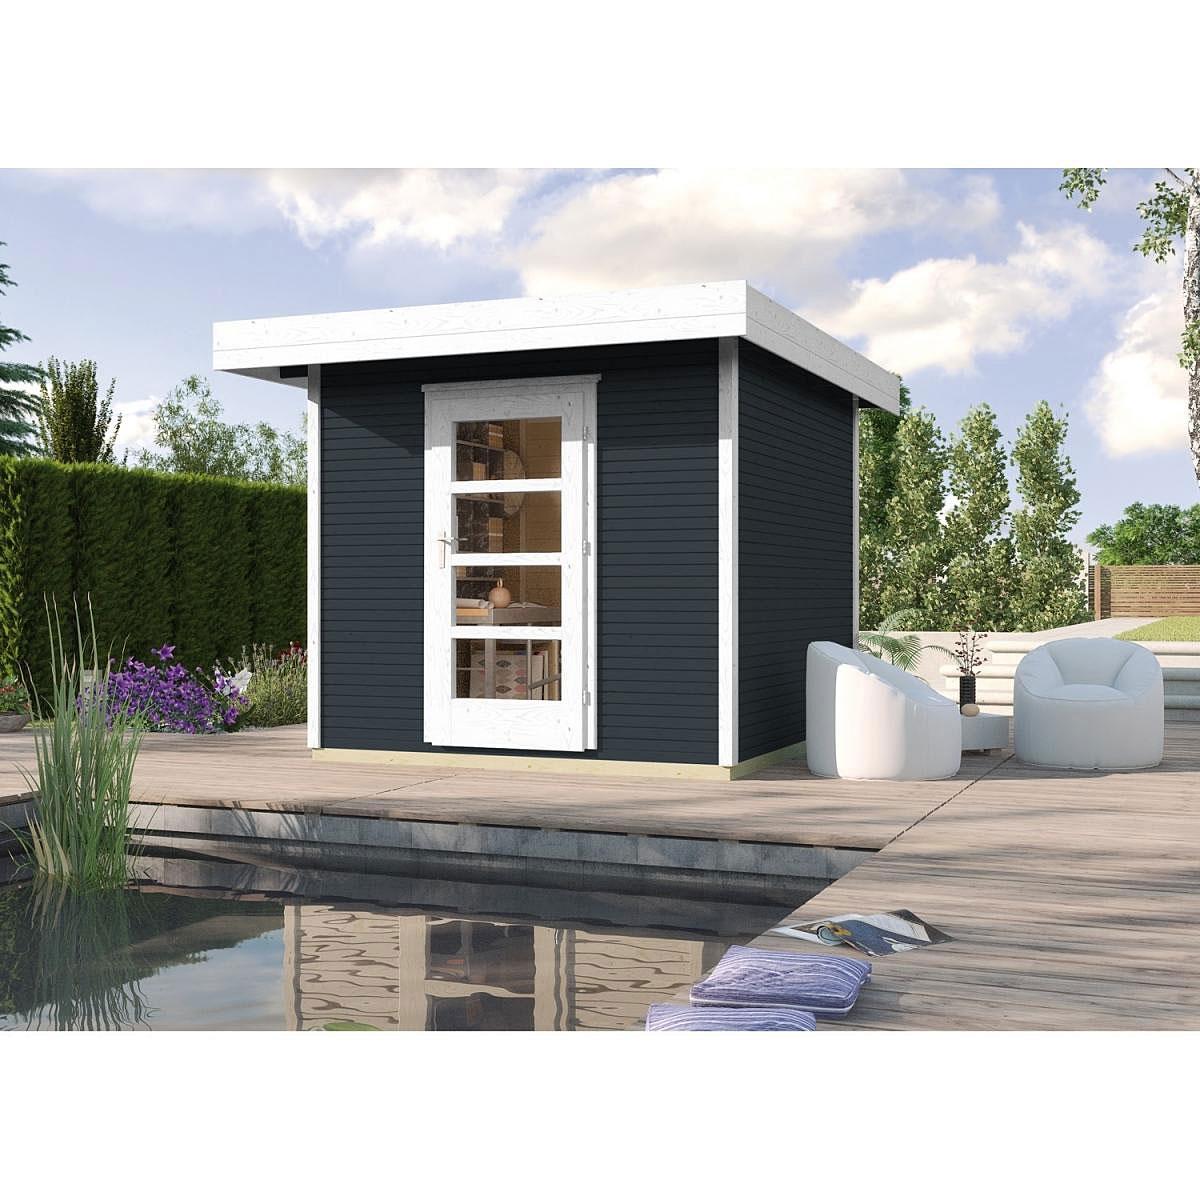 Weka Holz-Gartenhaus wekaLine Anthrazit 300 cm x 295 cm